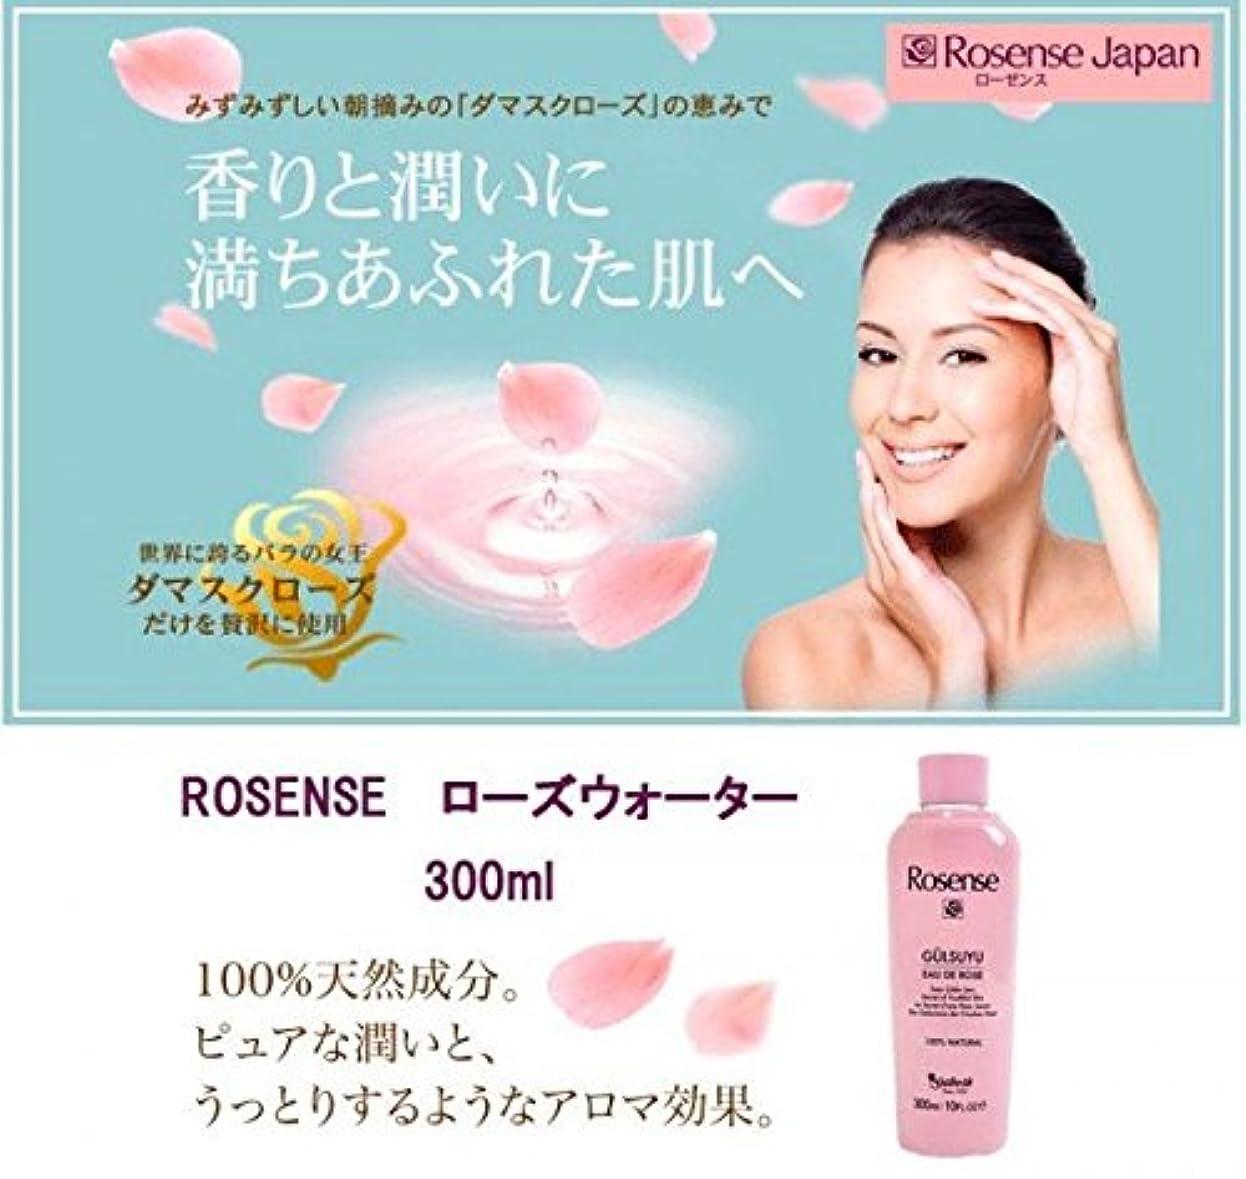 クラウド前提ルーキーROSENSE ローズウォーター 300ml バラの芳醇な香りに包まれながら お肌を整えます